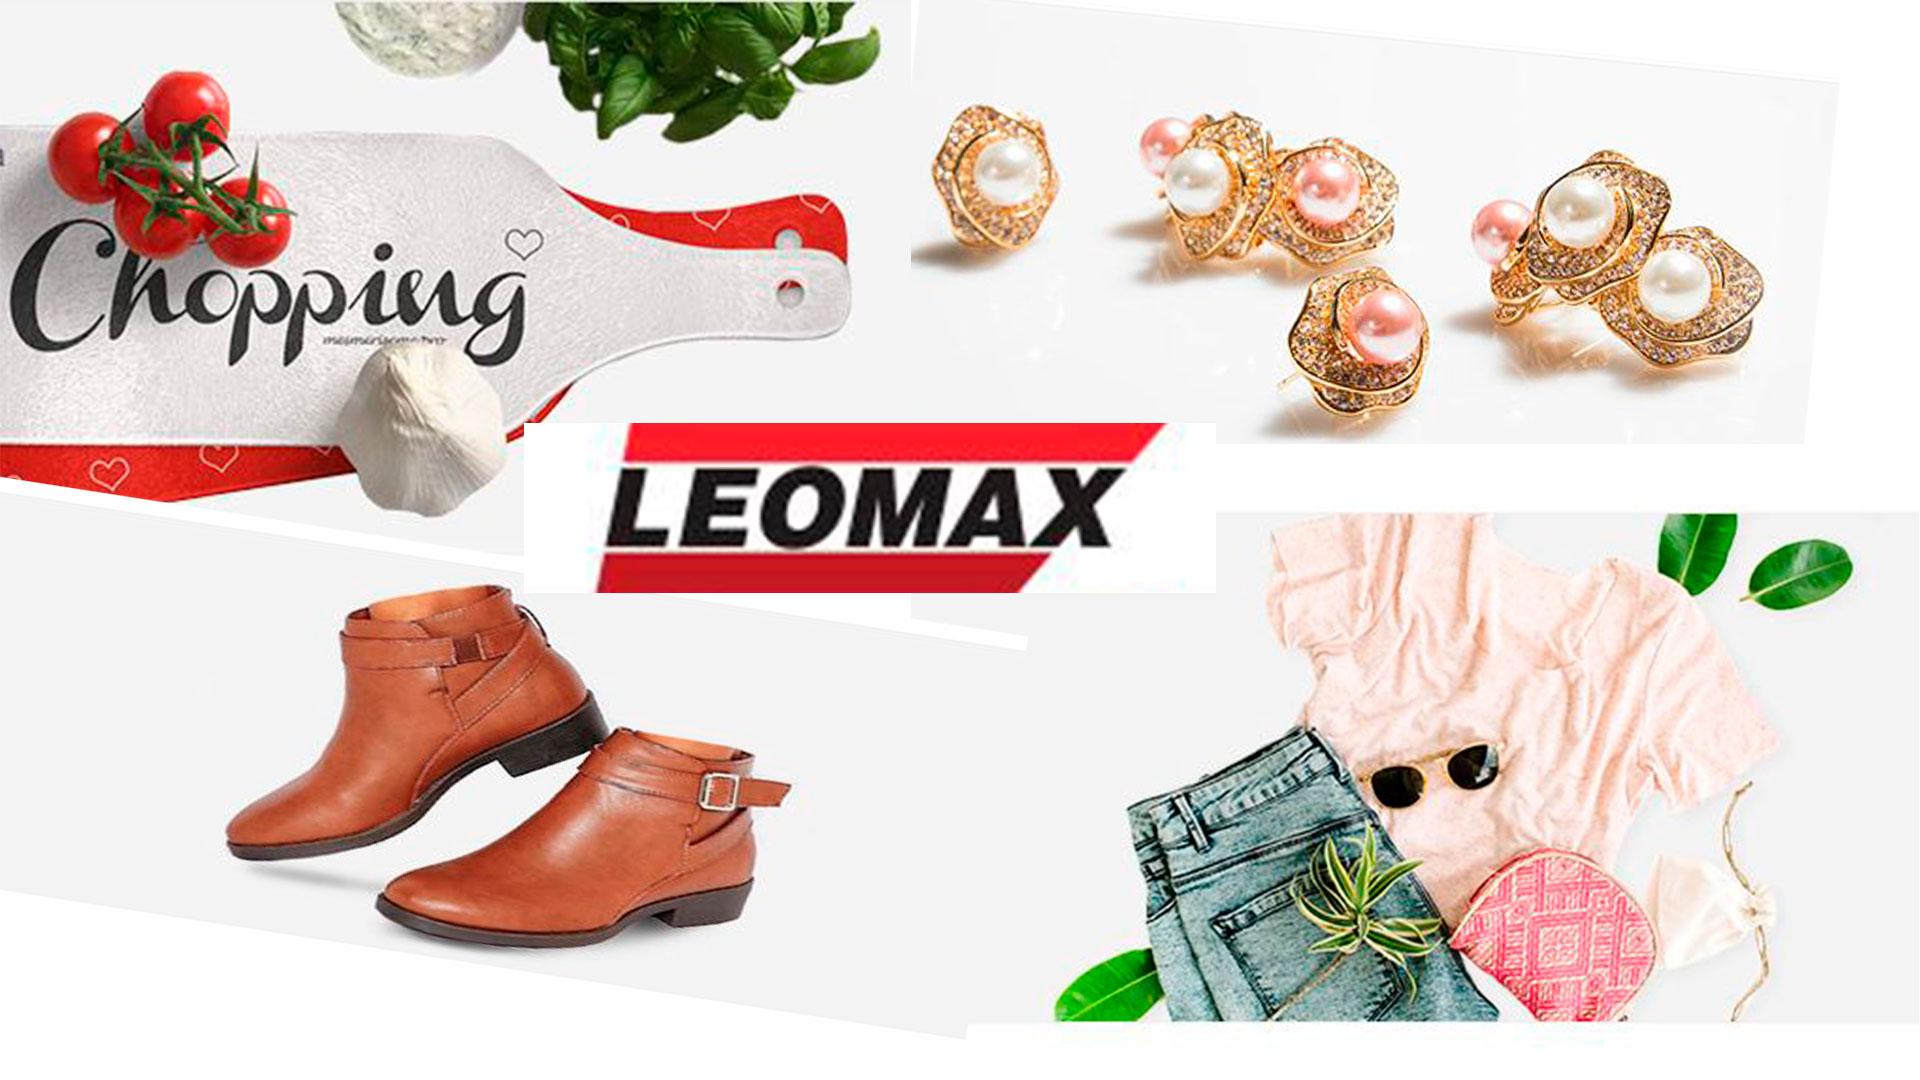 Лемакс Официальный Сайт Интернет Магазин Телемагазин 24